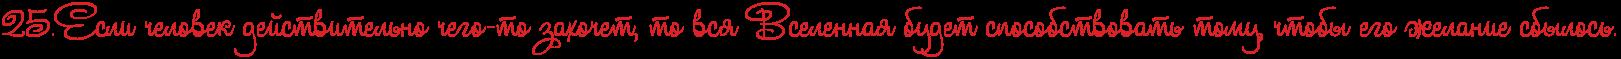 http://x-lines.ru/letters/i/cyrillicscript/0394/dc2127/24/0/ge417wri4gy7bq6ozyopdb6oszemzwf64n3pbpqozeopbpgoszemuwcb4gbpbcsozdeafwfi4n77ddgozzemhegto9emmwfu4n9n5wcn4n9nbwfz4napdbqoz5eaxwfi4gbnaegtomemhegosmeadwcxrdejfwcb4n47bq6oszem5wf74napdd3y4na7dy6osuemmwcnrdeadwf94n9pdyqoz5emdwcb4gbpbcsoz5emfwfo4gbpddby4gbpbxsozueagmby4gd7dysoz5emdwcmrdemmwfu4n9nbwfs4n47bq6osdem5wfa4n41bwcb4na7dn6ozxem7wcb4ggnh.png